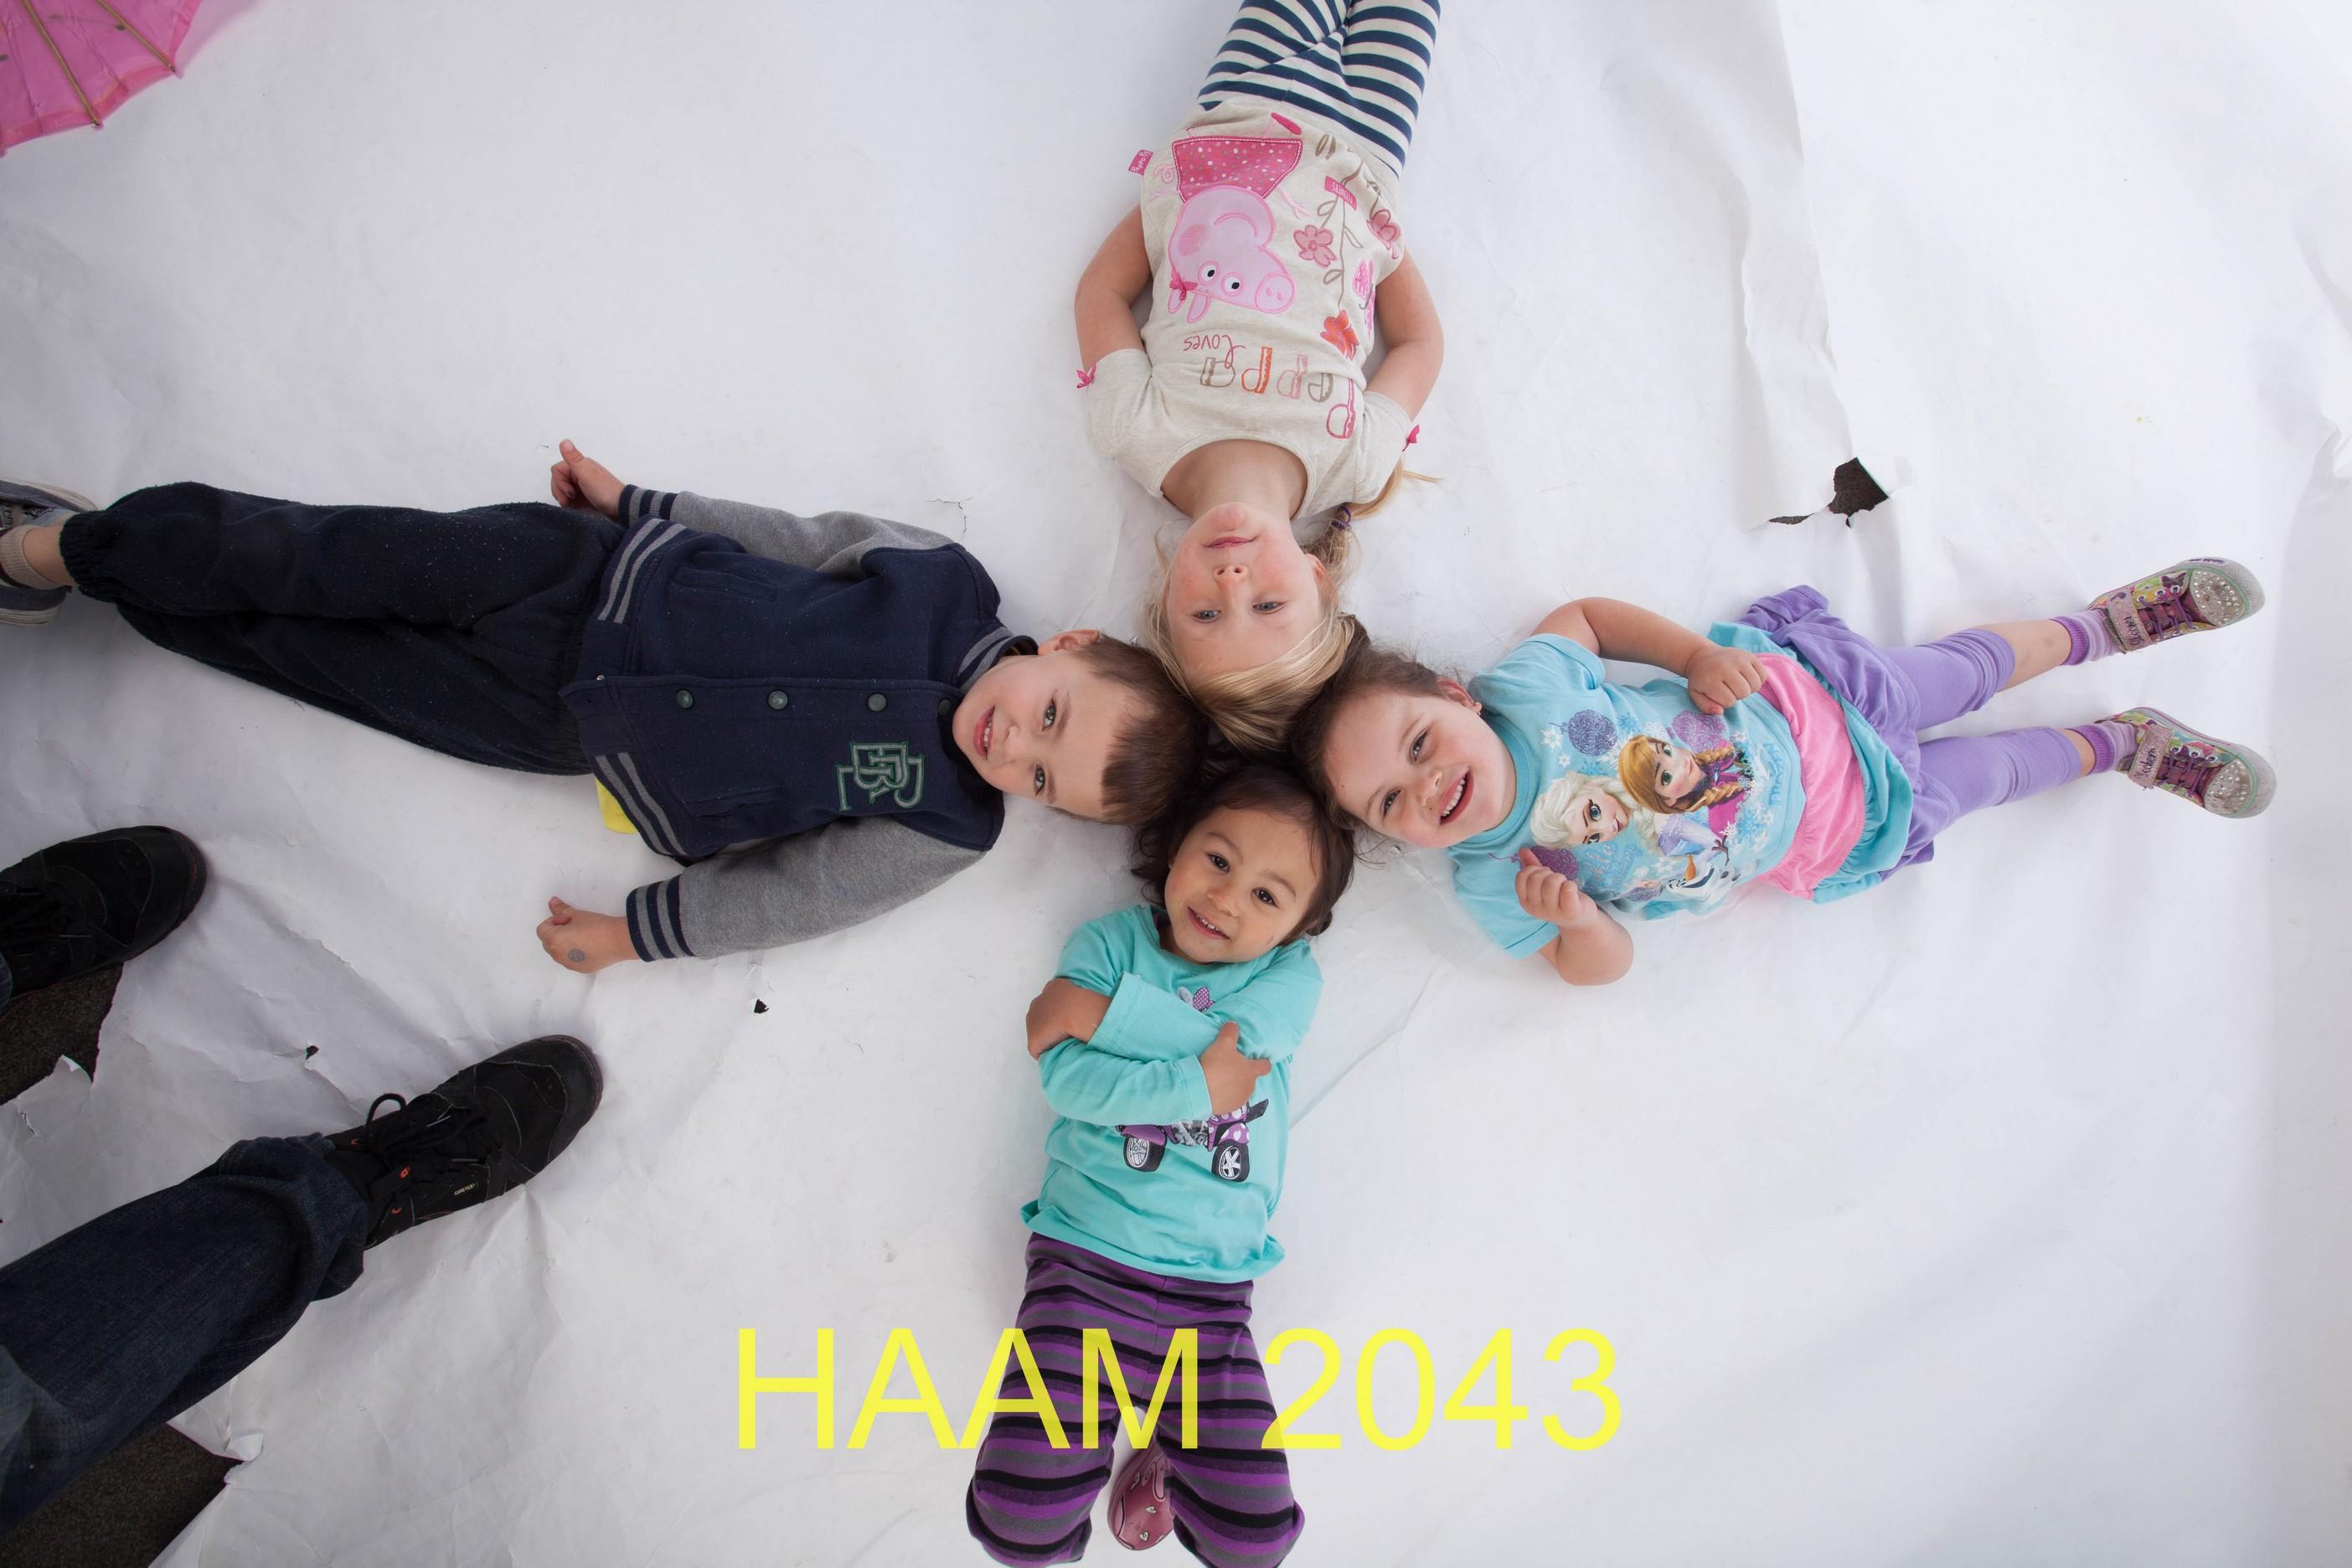 HAAM 2043